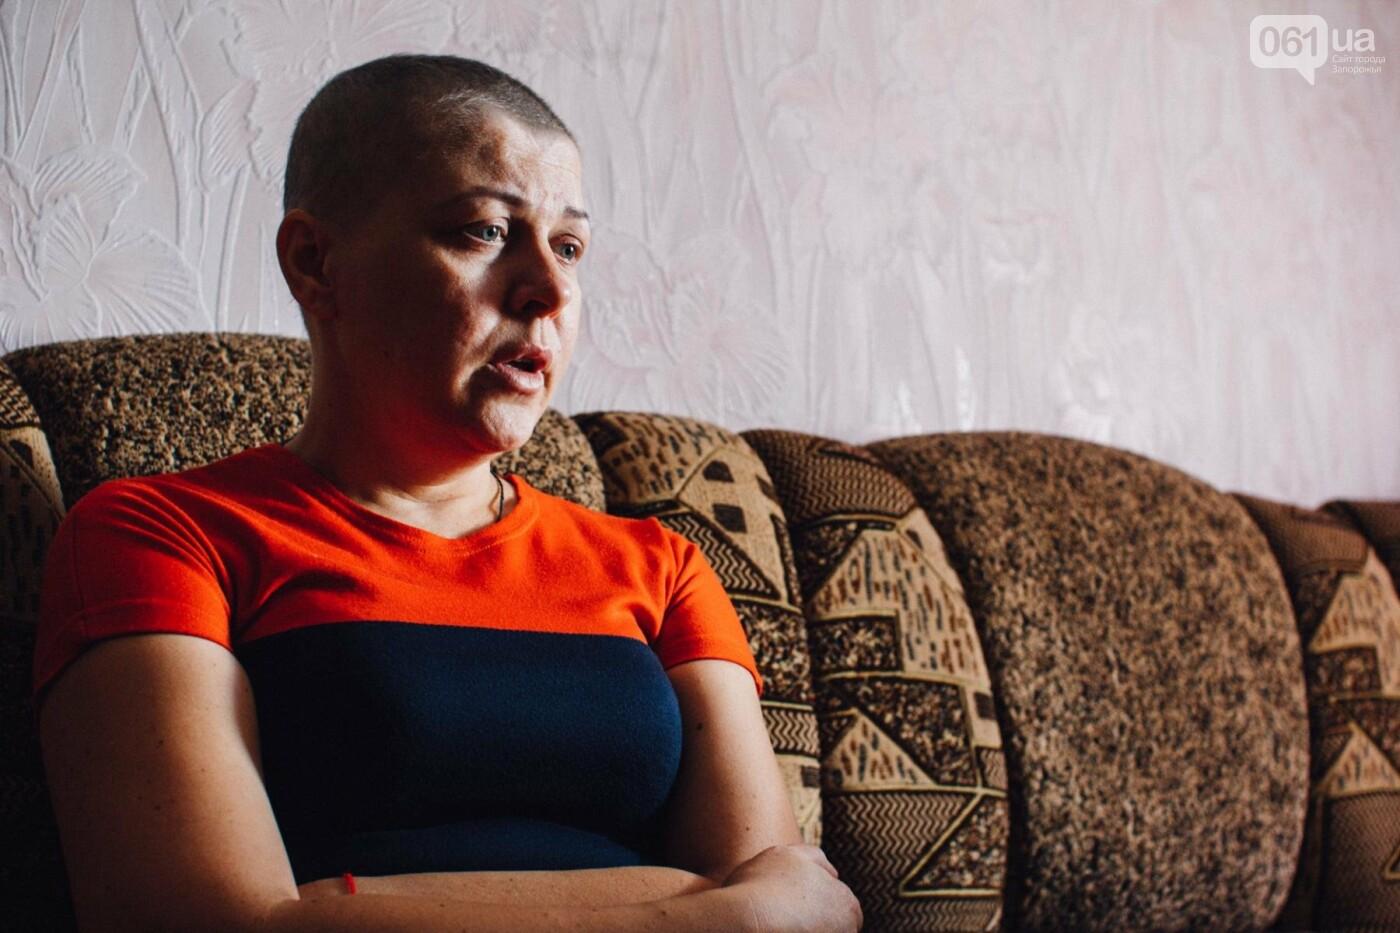 Последний шаг для Оли: как запорожанка проходила химиотерапию между сменами на заводе, фото-5